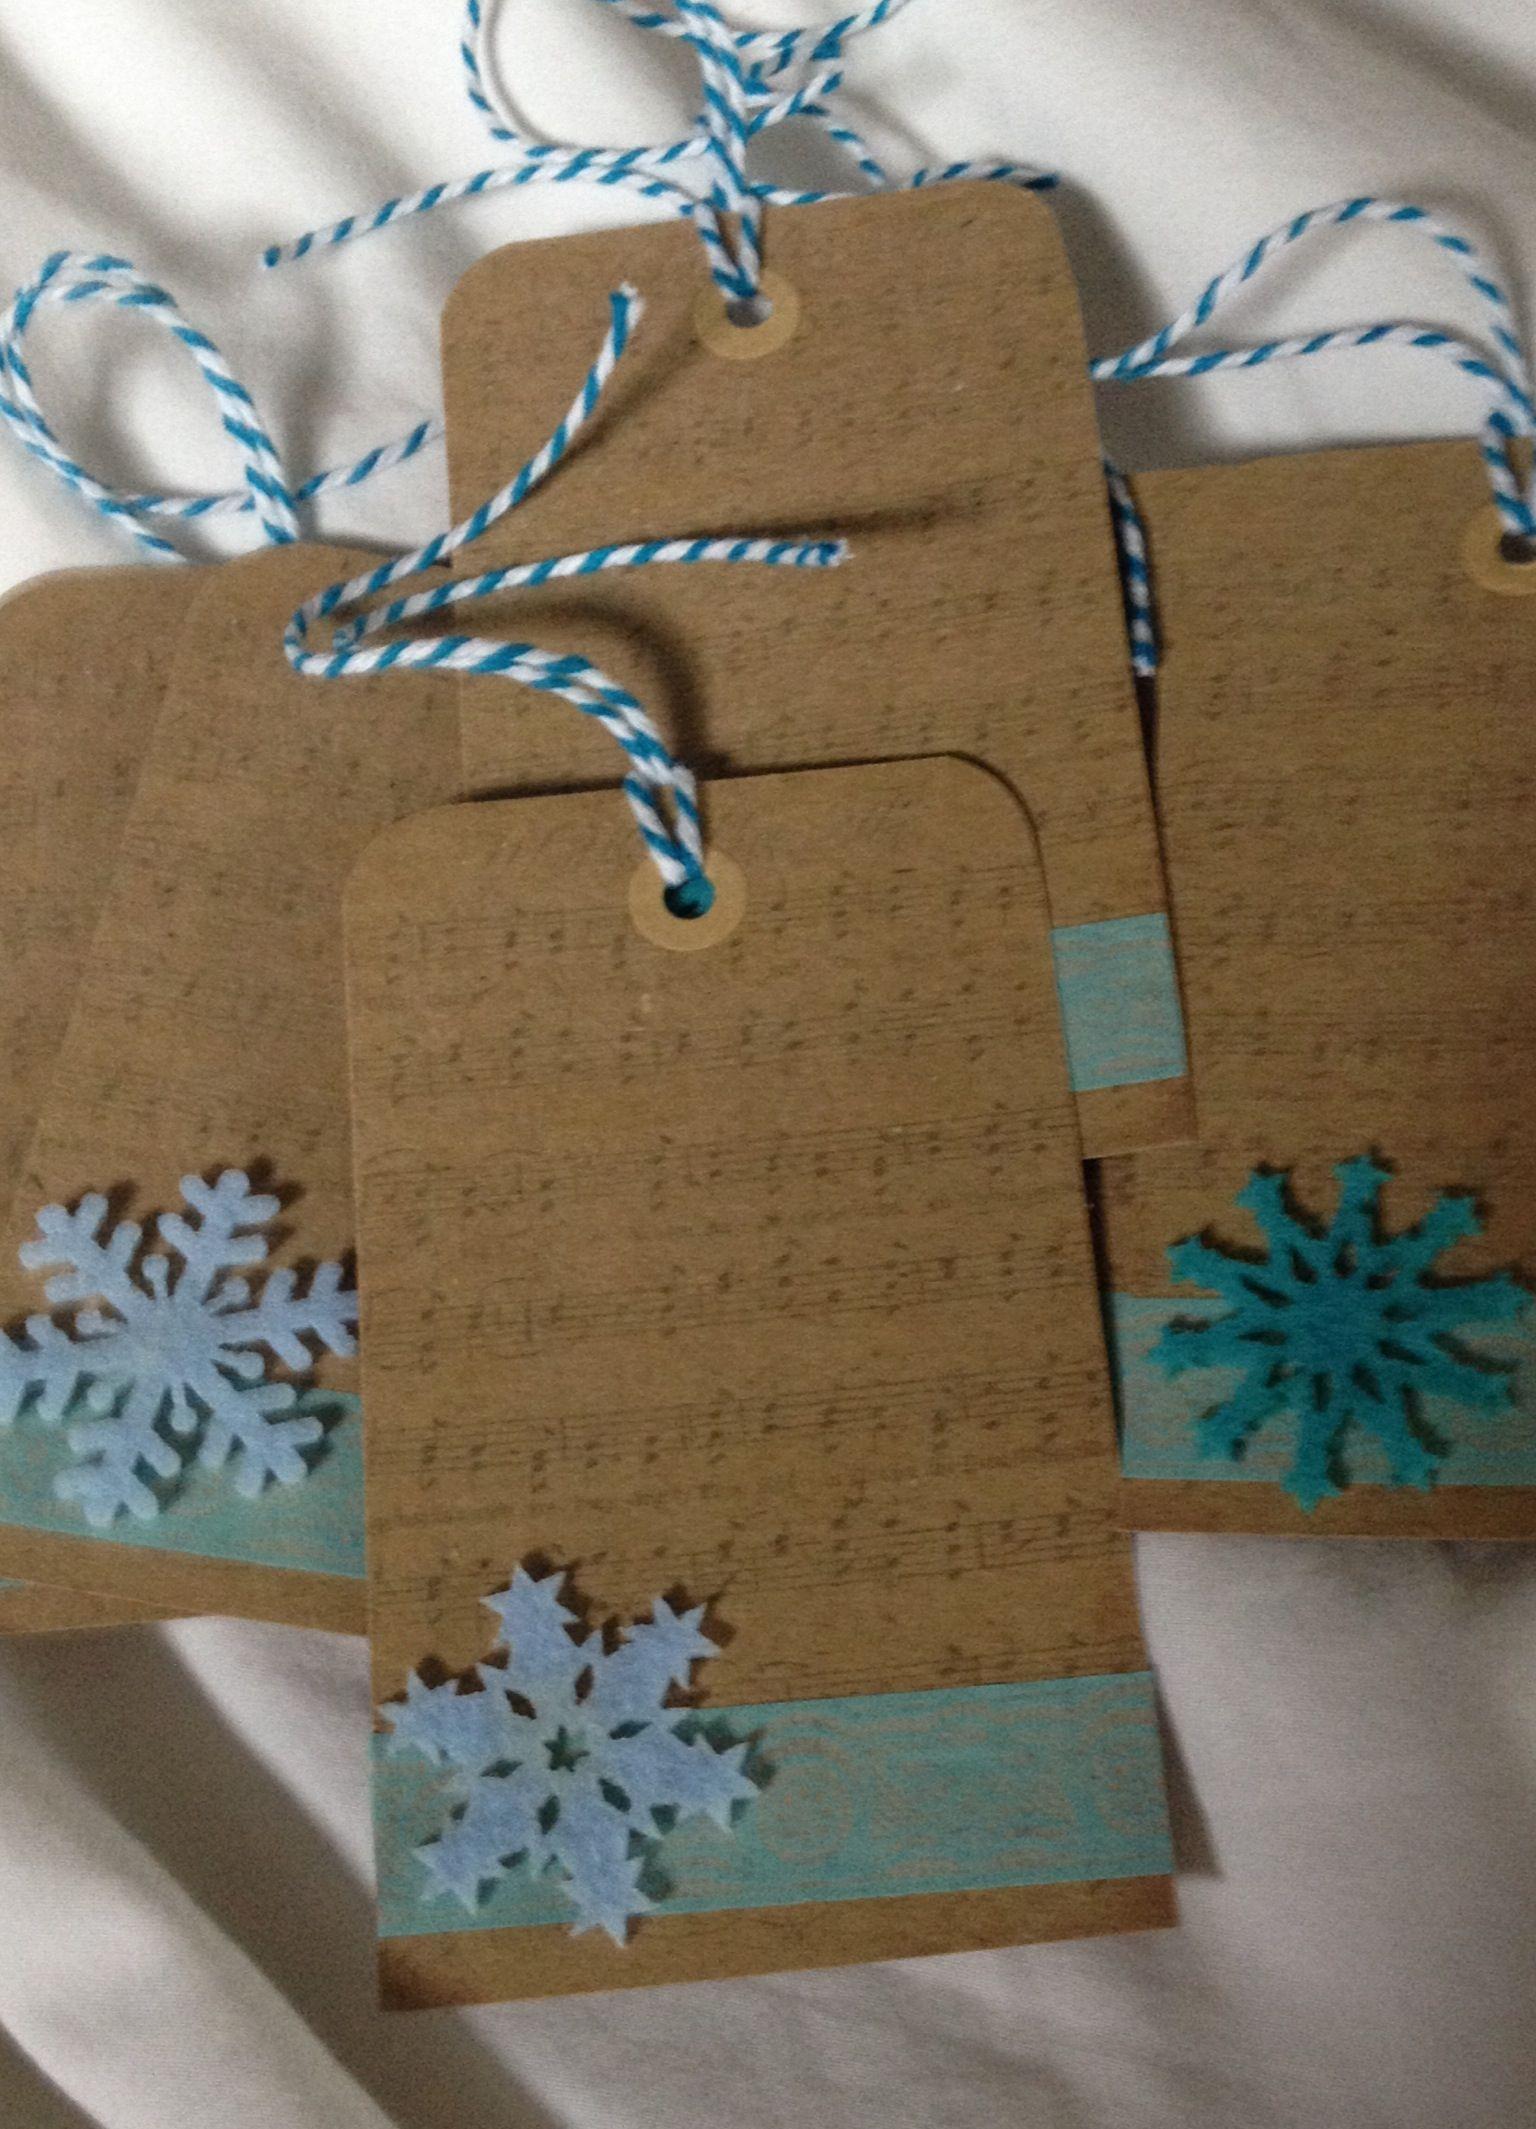 colillas albun navidad etiquetas del regalo de navidad hecha a mano lindos regalos de navidad etiquetas de regalo hecho a mano etiquetas de navidad